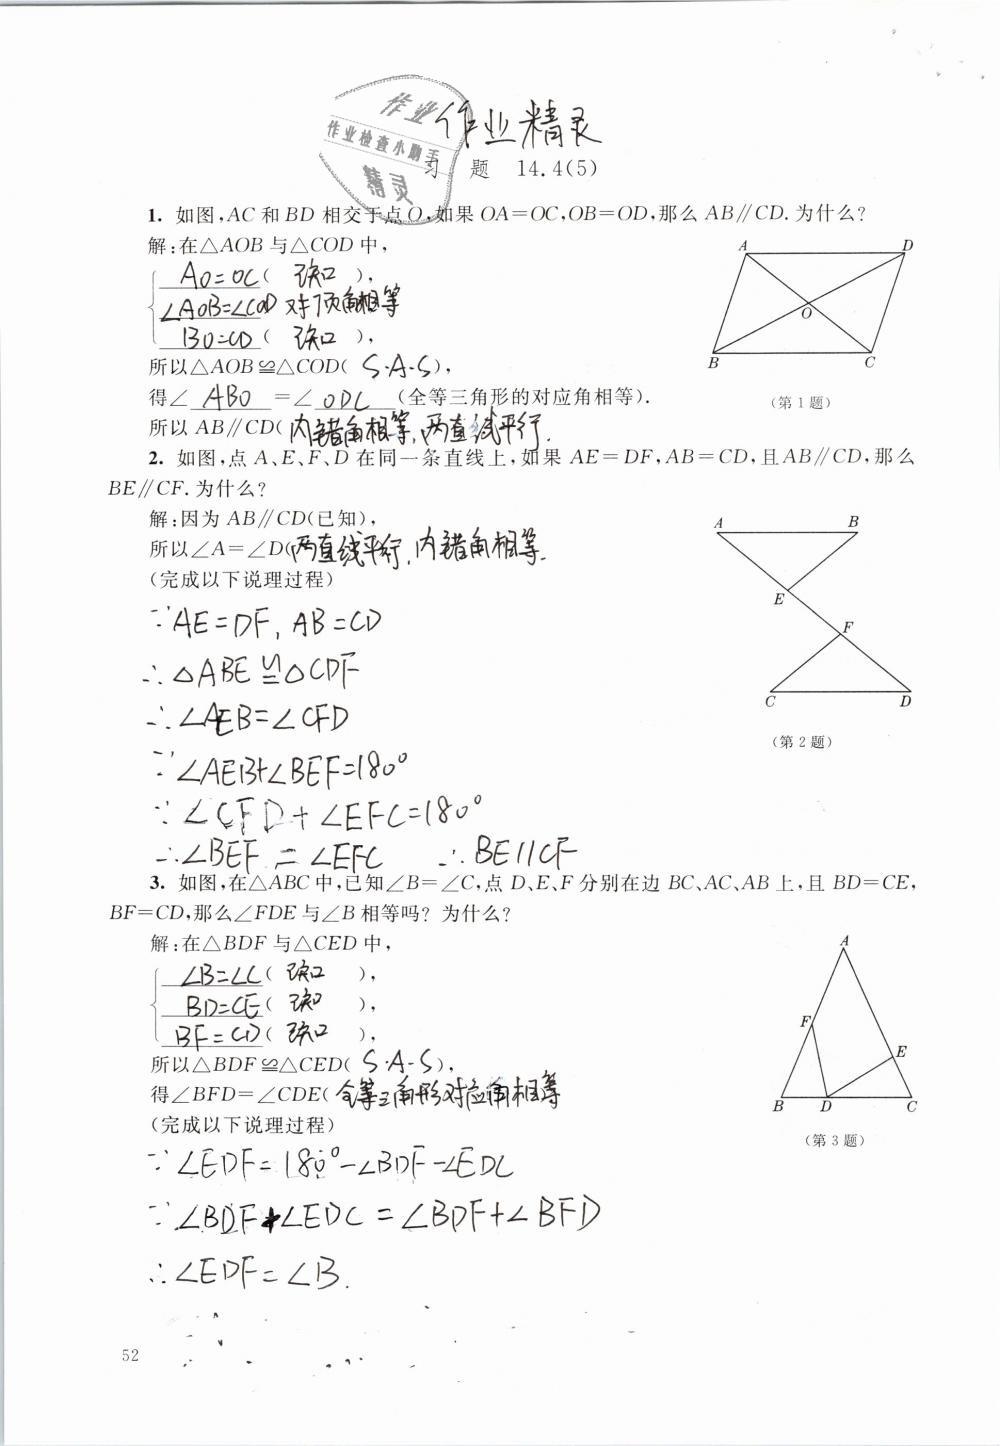 2019年数学练习部分七年级第二学期第52页